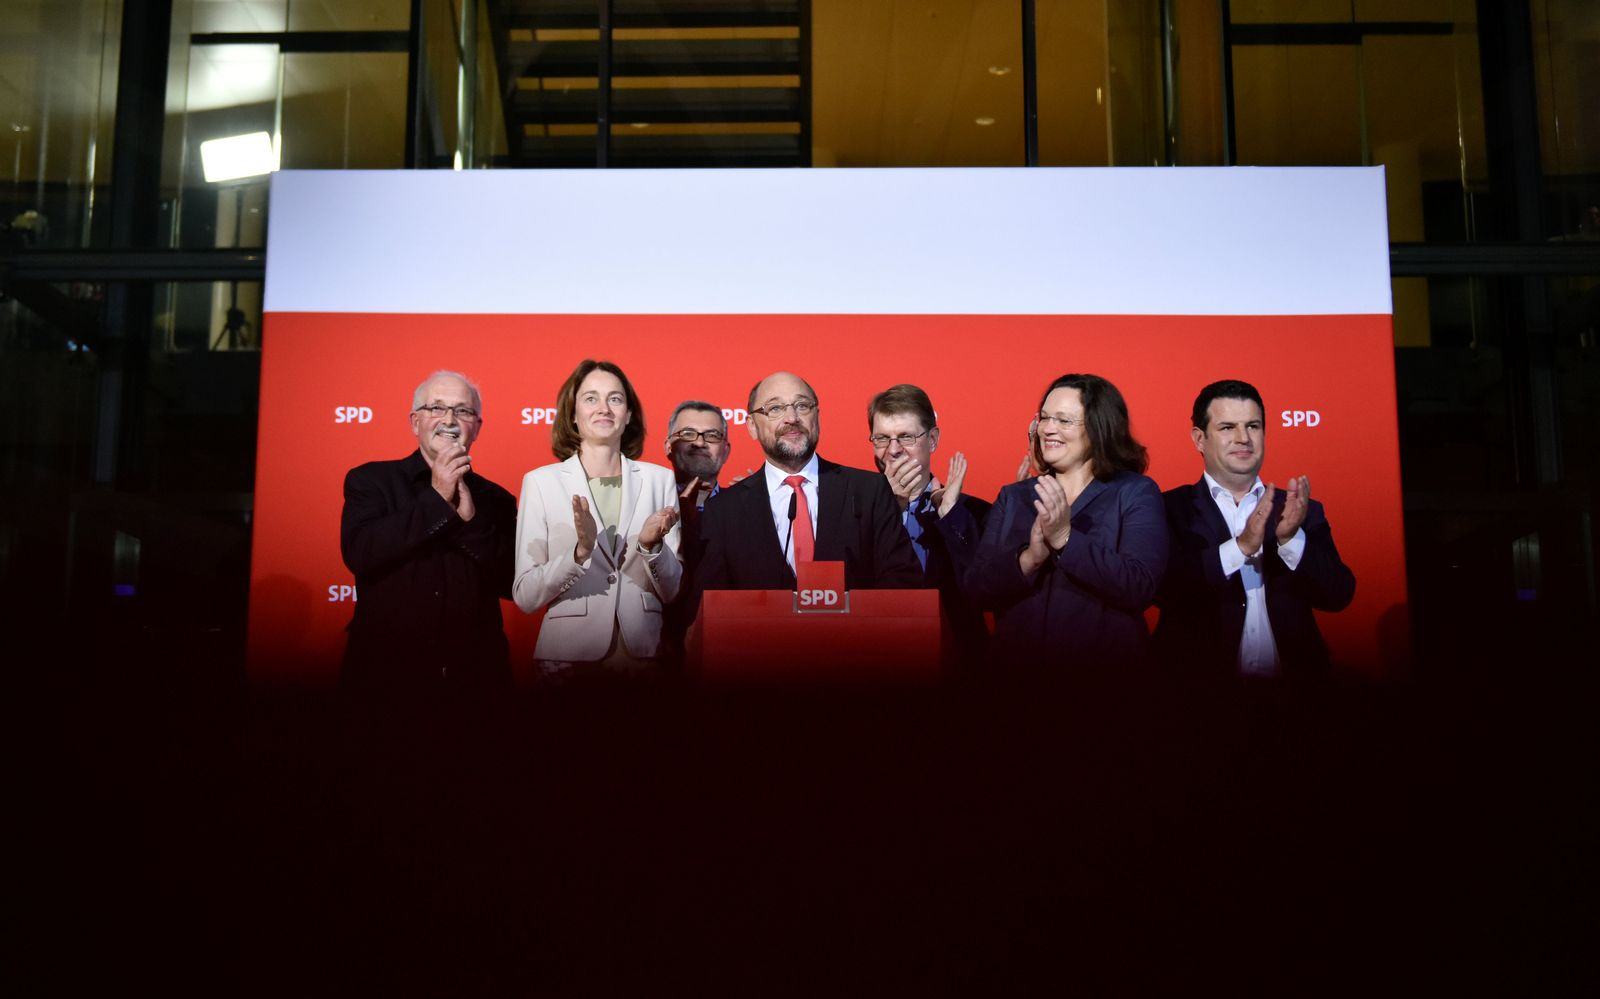 SPD/ Schulz